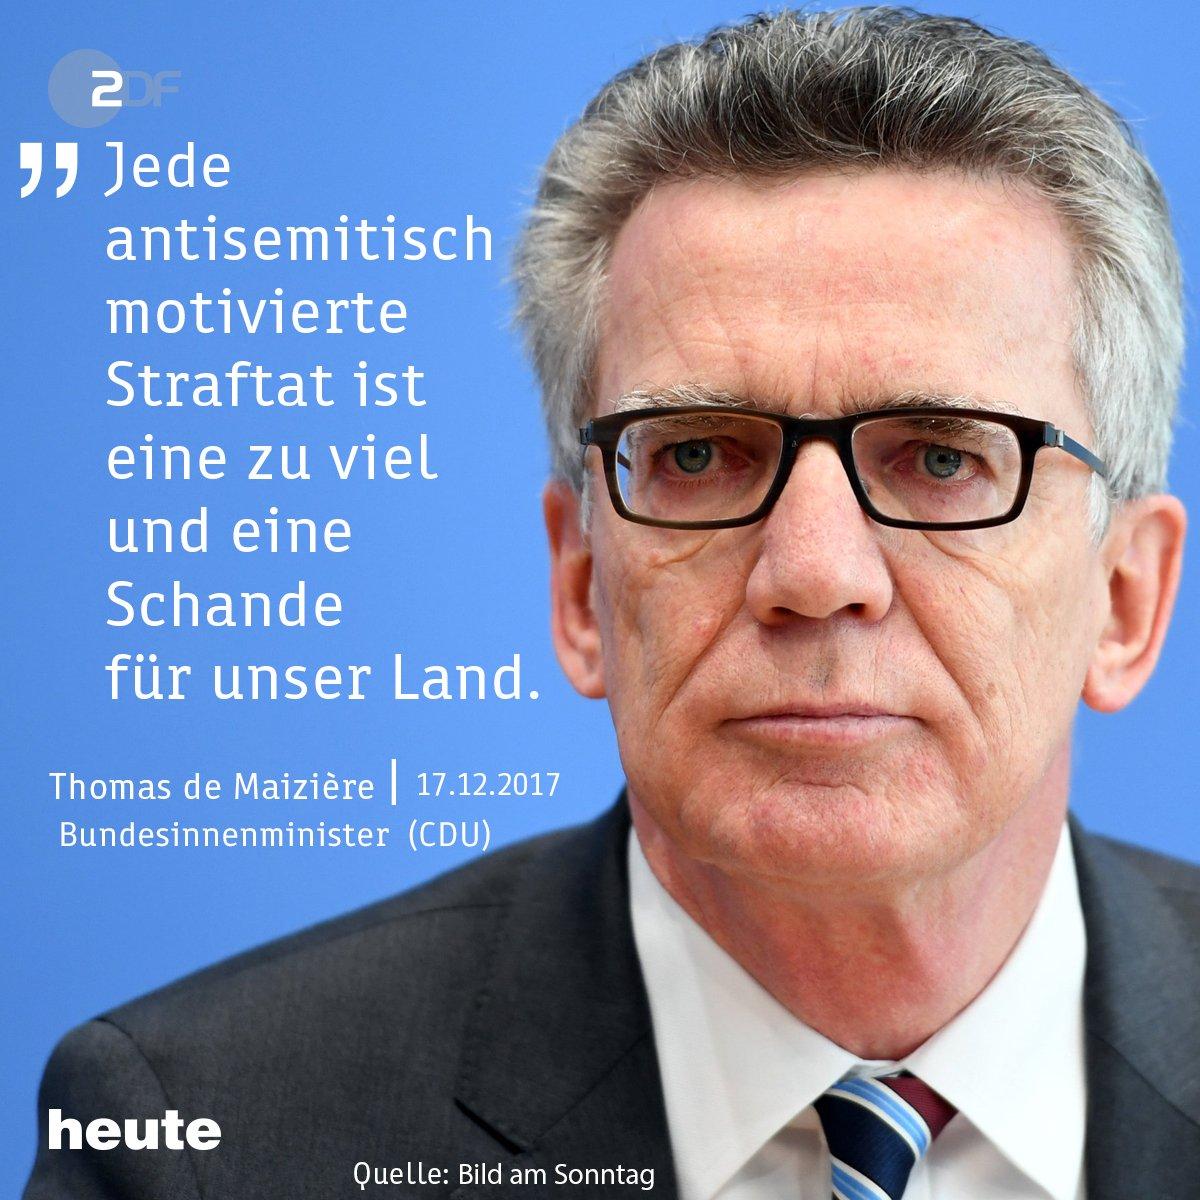 Bundesinnenminister de Maizière hat sich nach den israelfeindlichen Demonstrationen in #Berlin für einen Antisemitismusbeauftragten des Bundes ausgesprochen. https://t.co/Fi2M2mQKKe